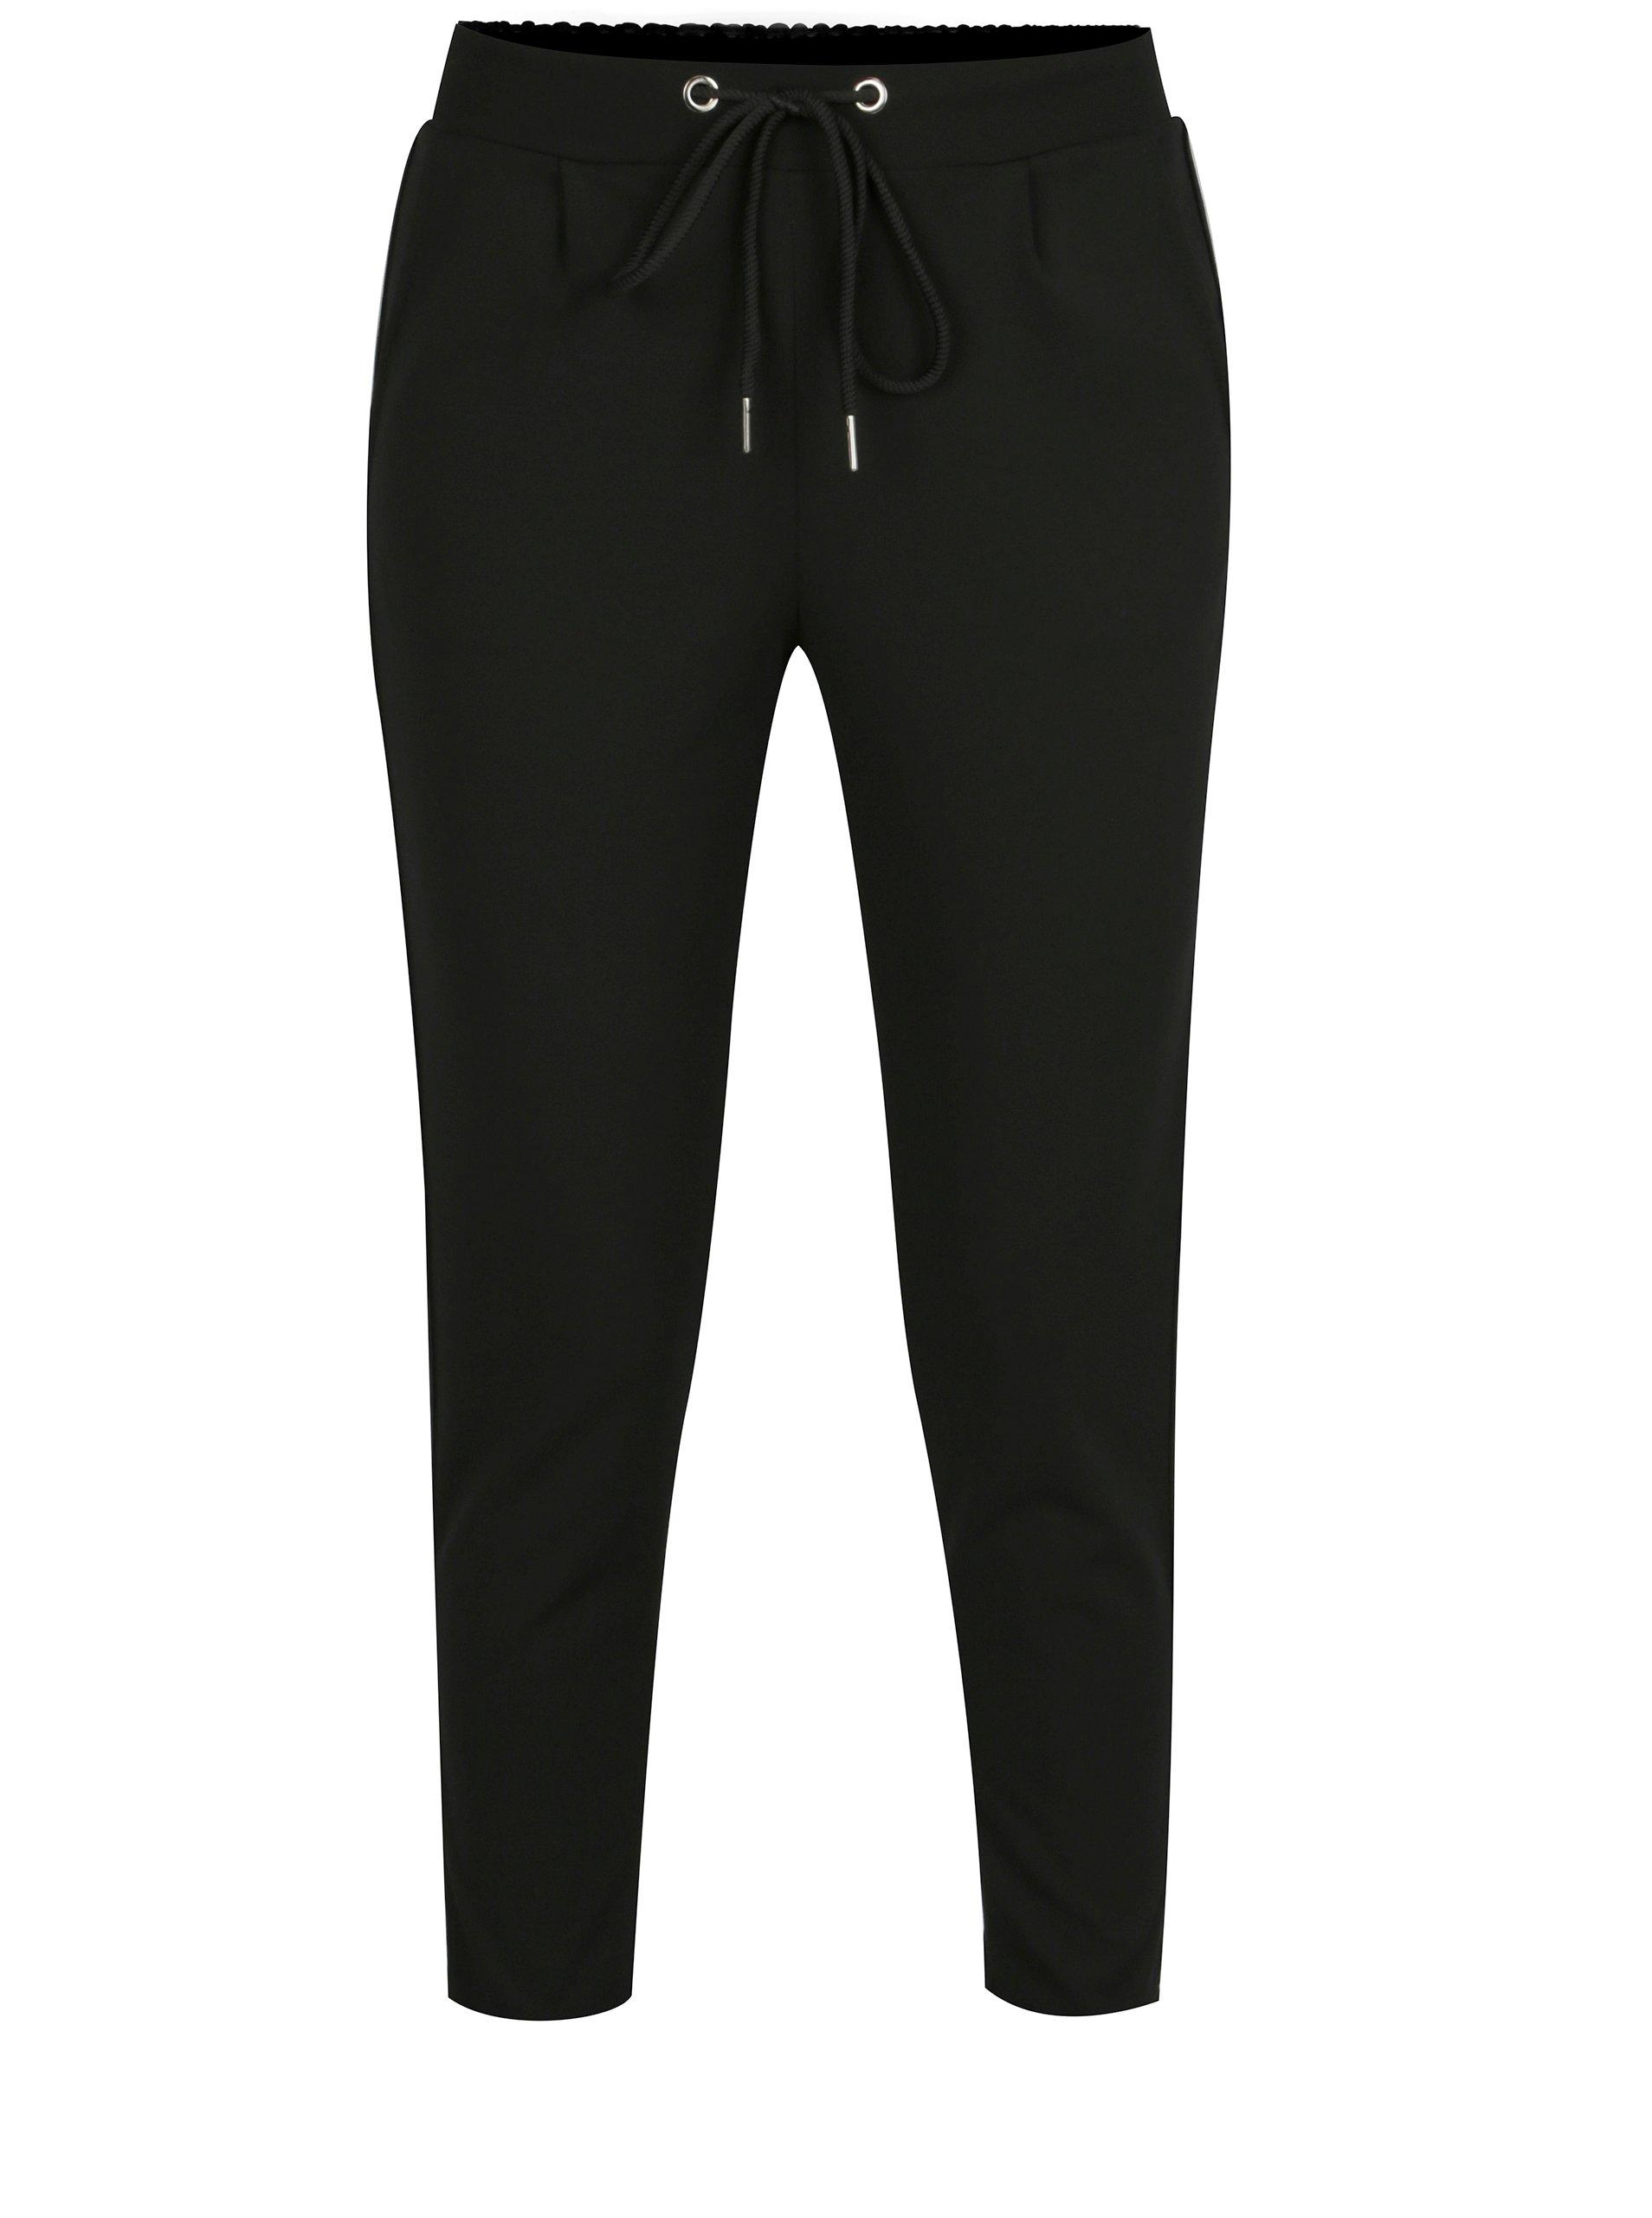 Černé zkrácené kalhoty s pruhy na stranách a vysokým sedem Haily´s Greta